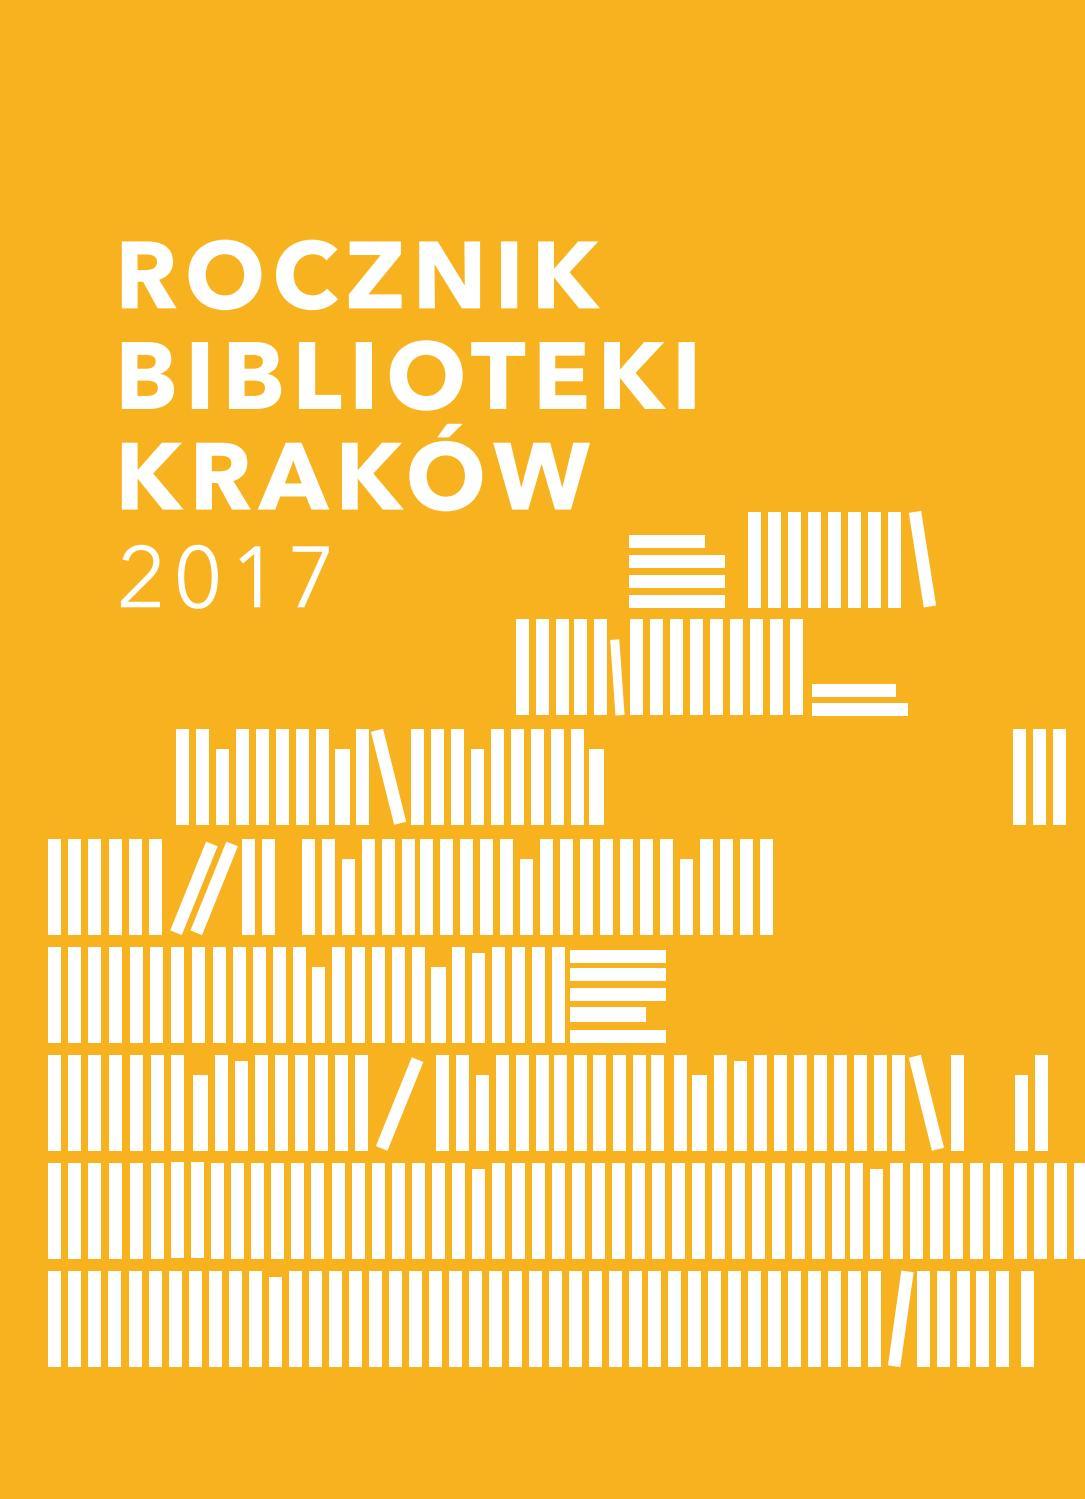 Rocznik Biblioteki Kraków By Biblioteka Krakow Issuu